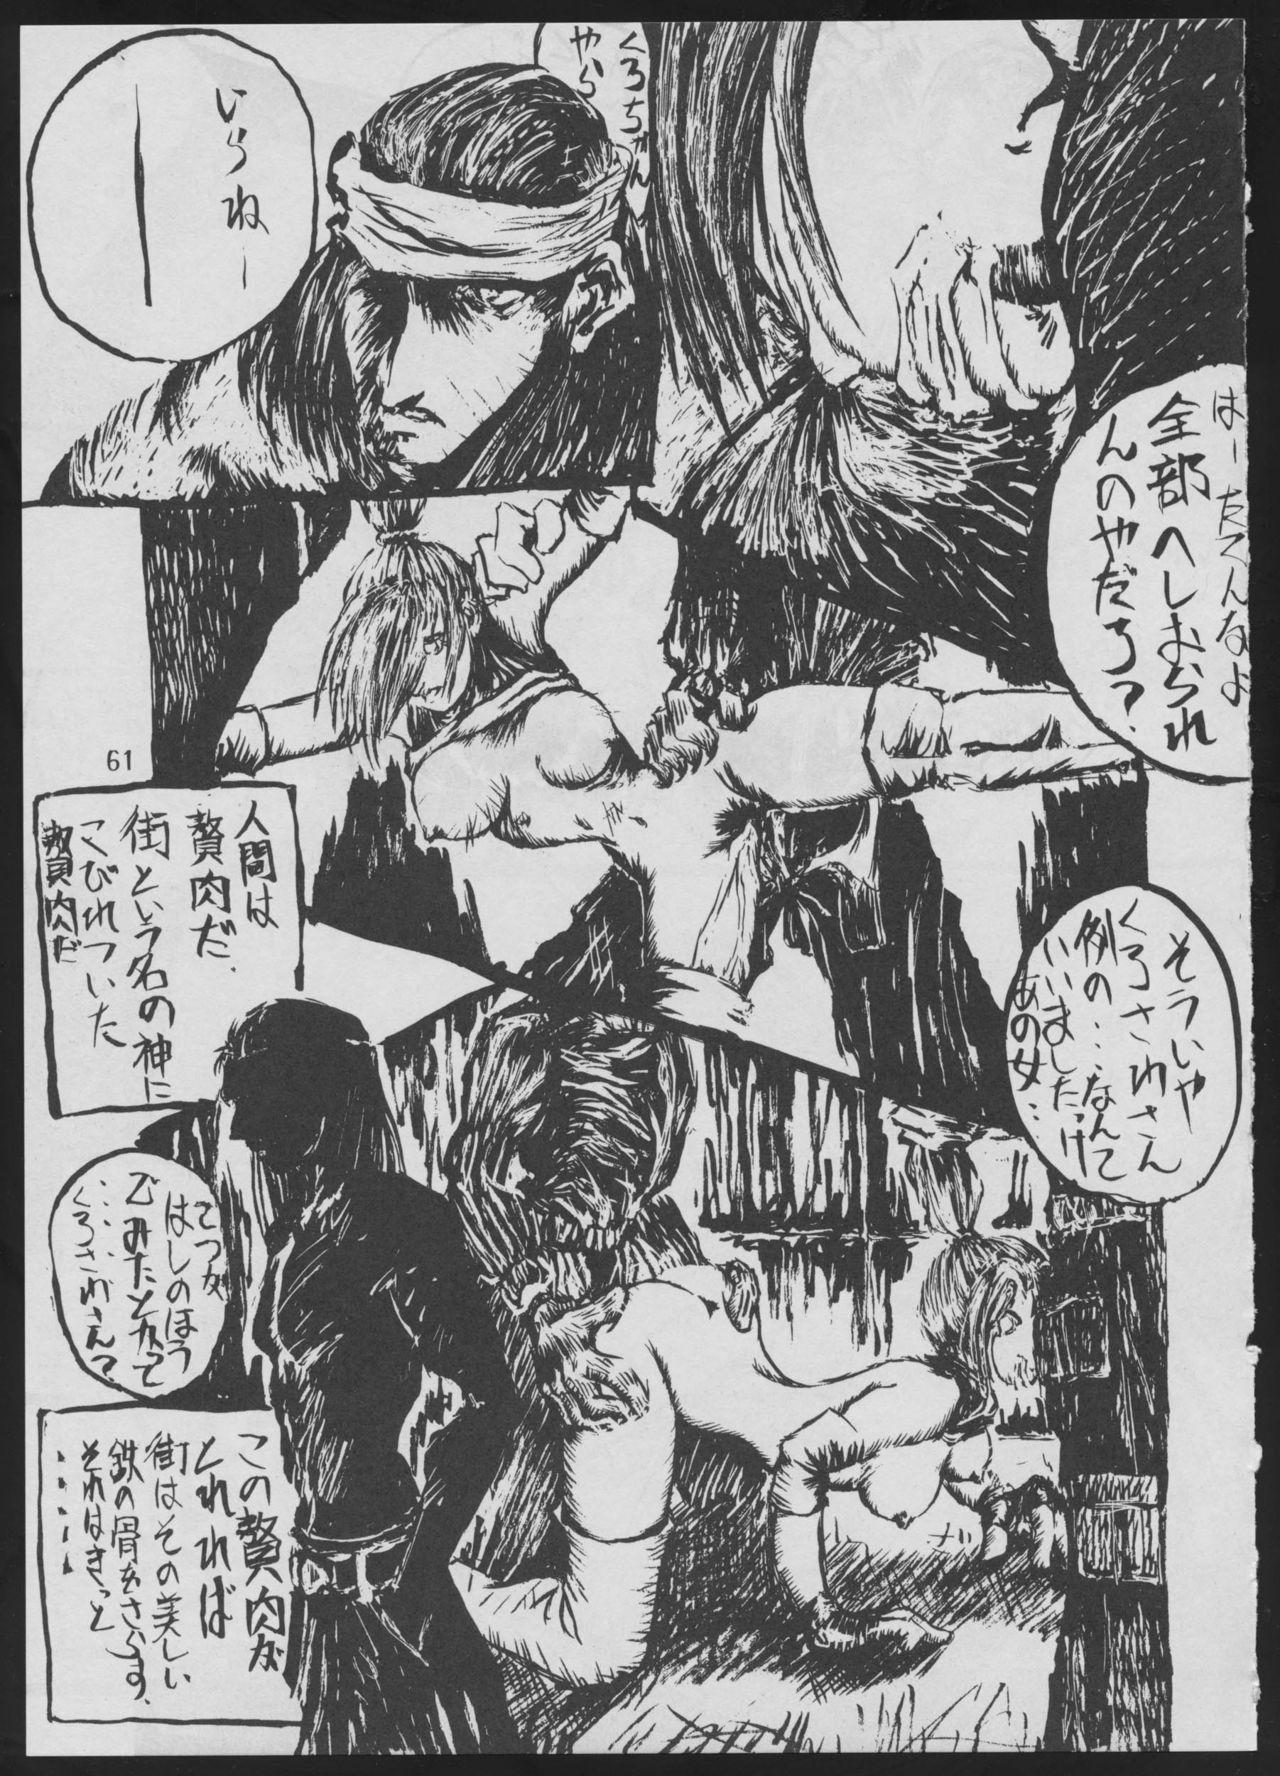 '96 Natsu no Game 18-kin Special 60